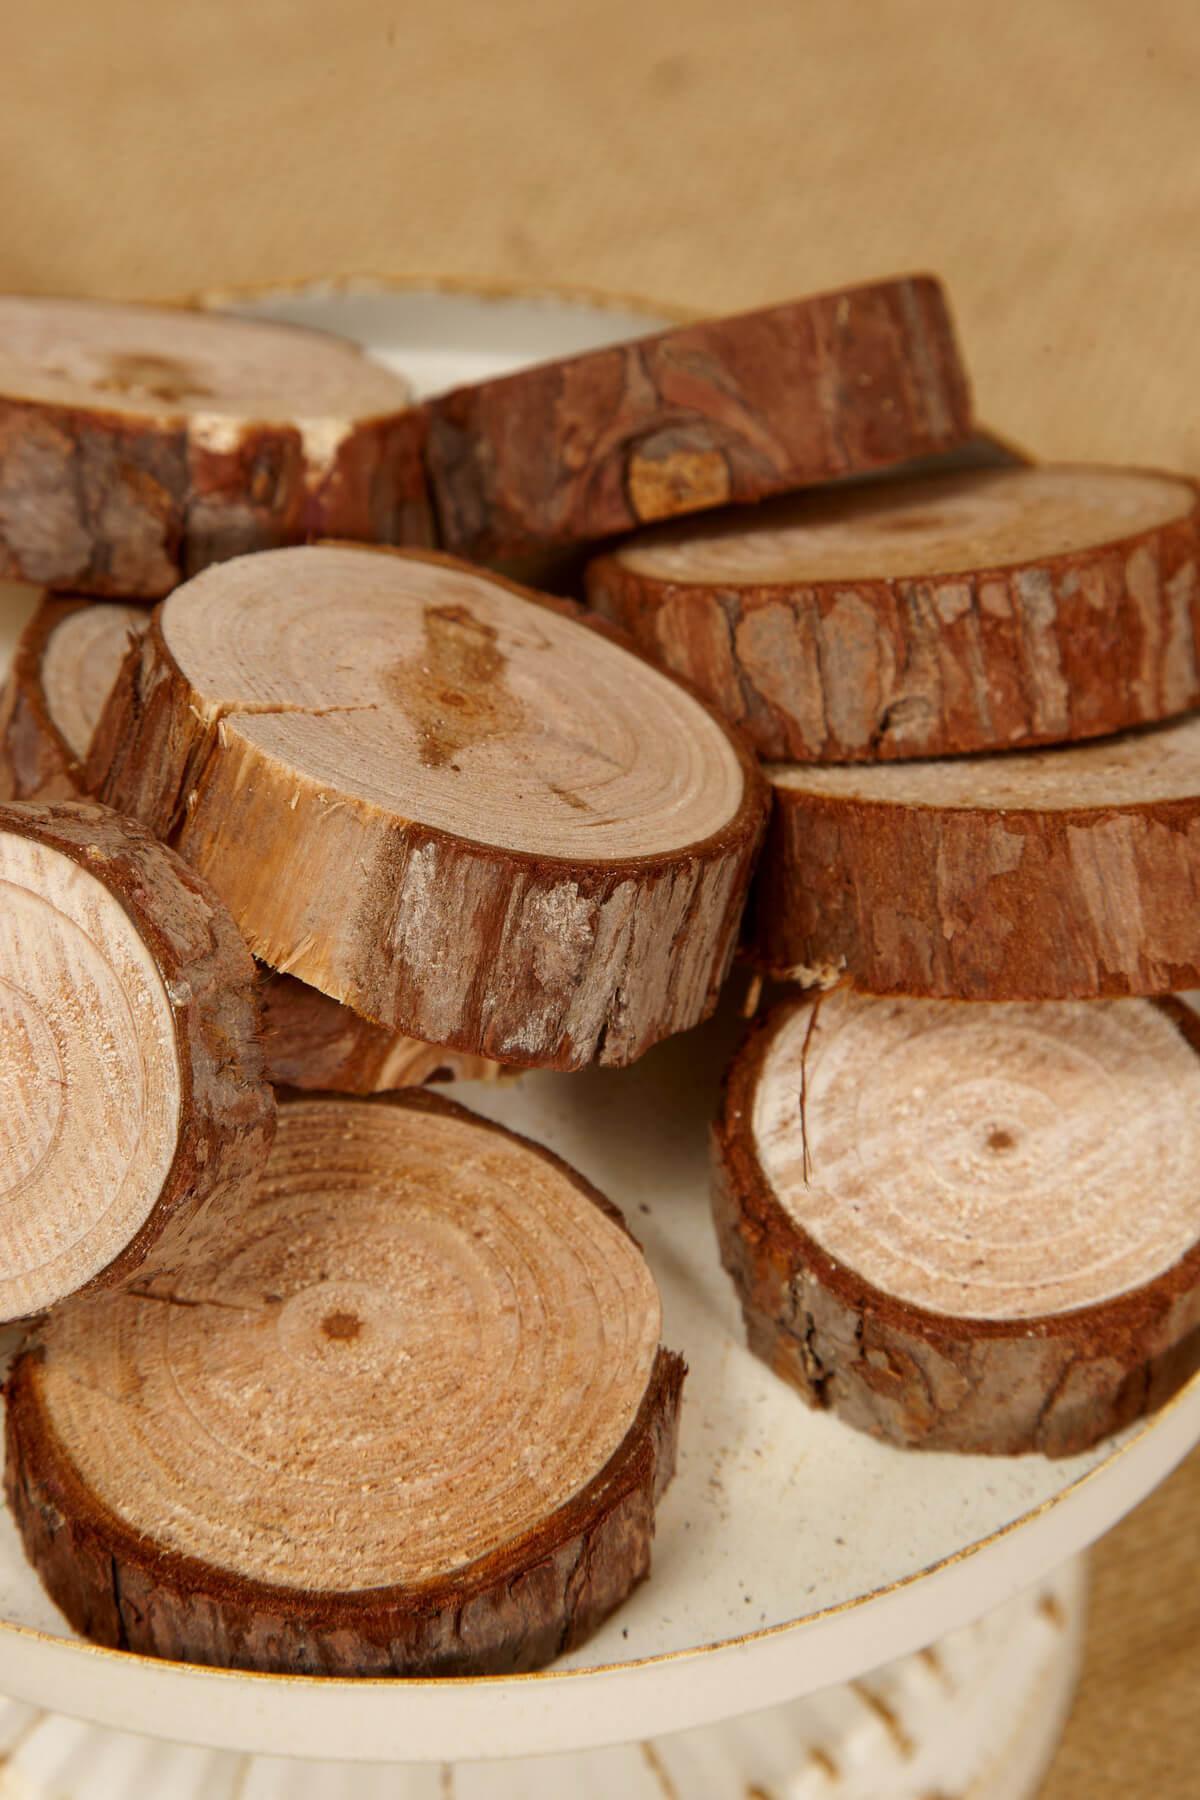 Wood Round Slice 1 25 Quot 2 25 Quot X 5 Quot Thick 10 12 Pcs